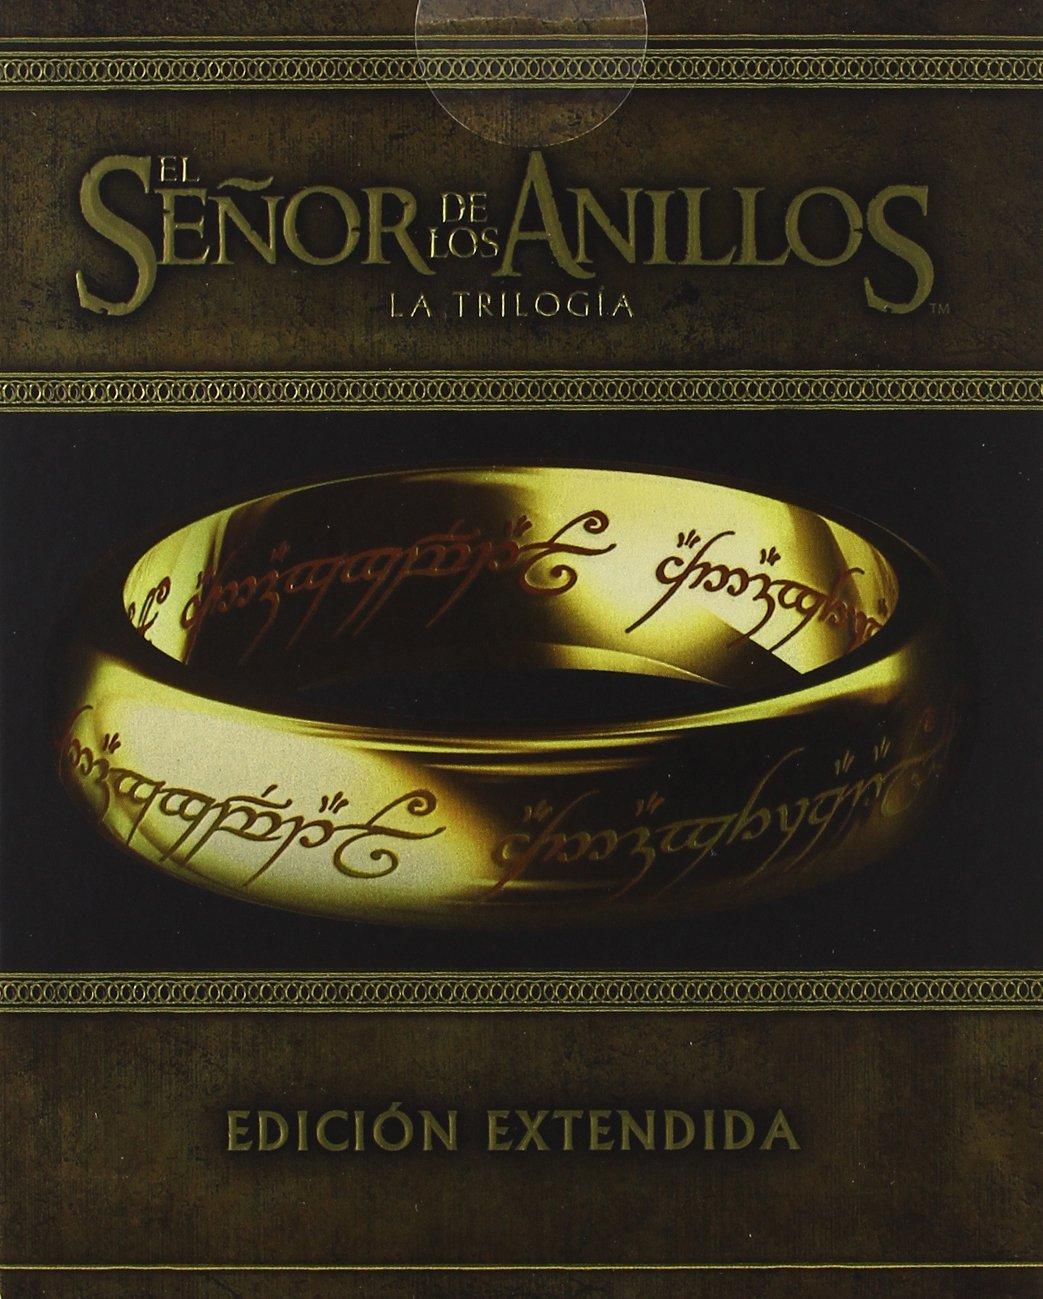 El Señor de los Anillos: Trilogía Edición Extendida Blu